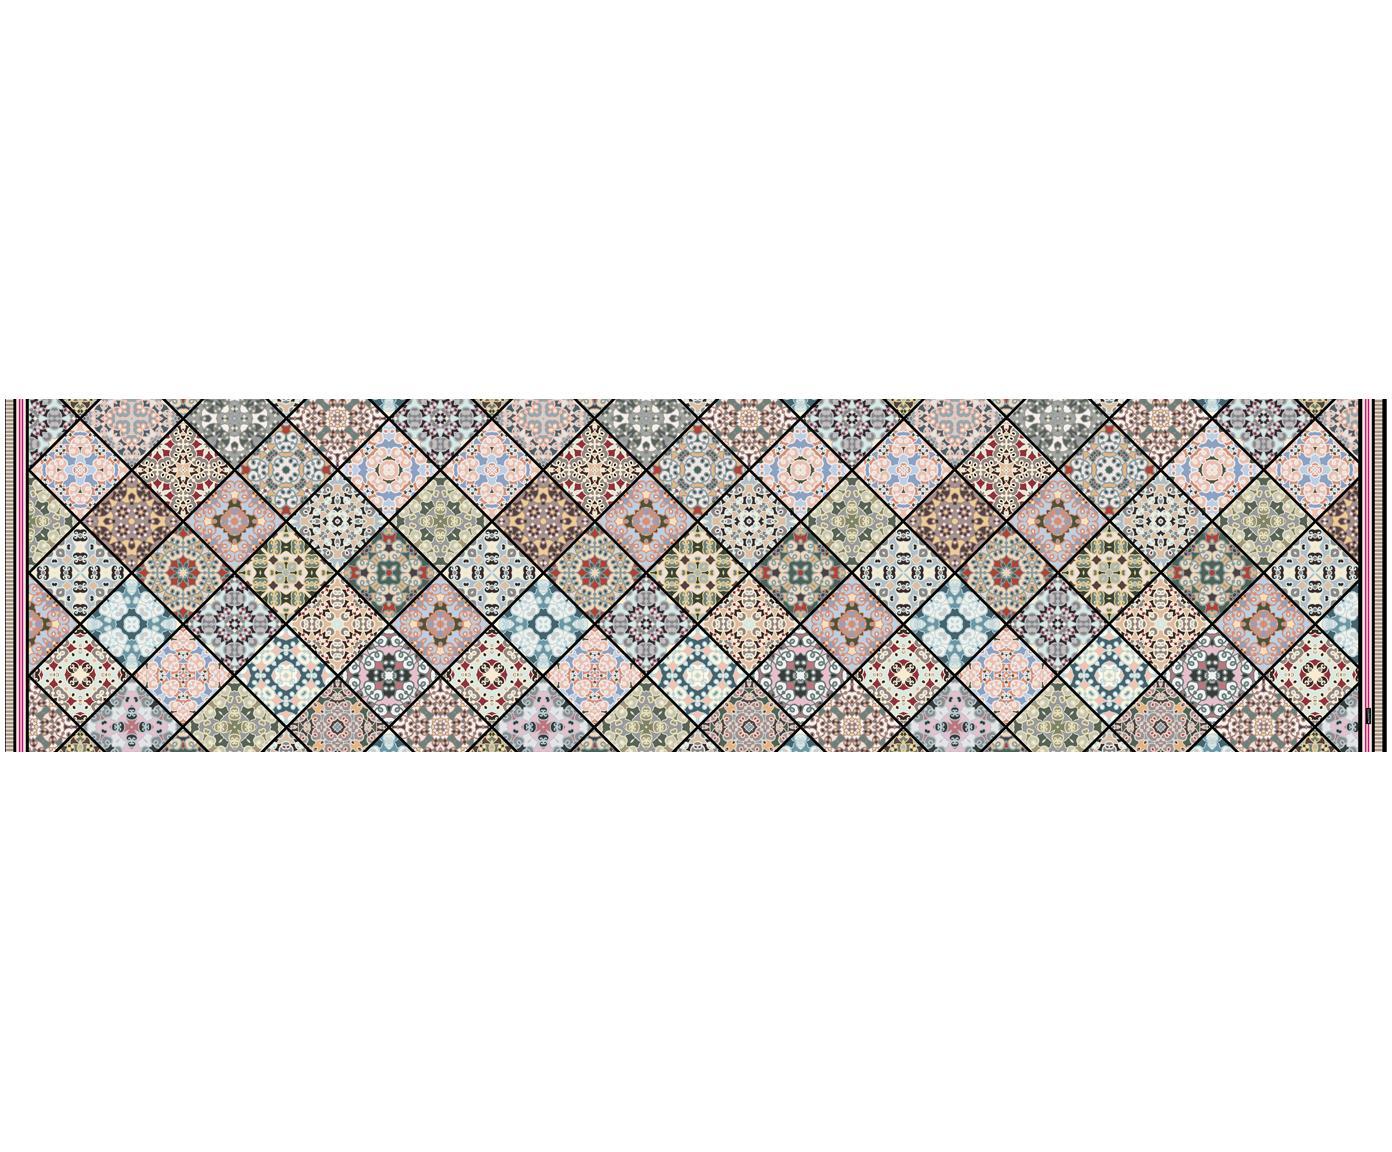 Mata podłogowa z winylu Aylin, Winyl pochodzący z recyklingu, Wielobarwny, S 65 x D 255 cm